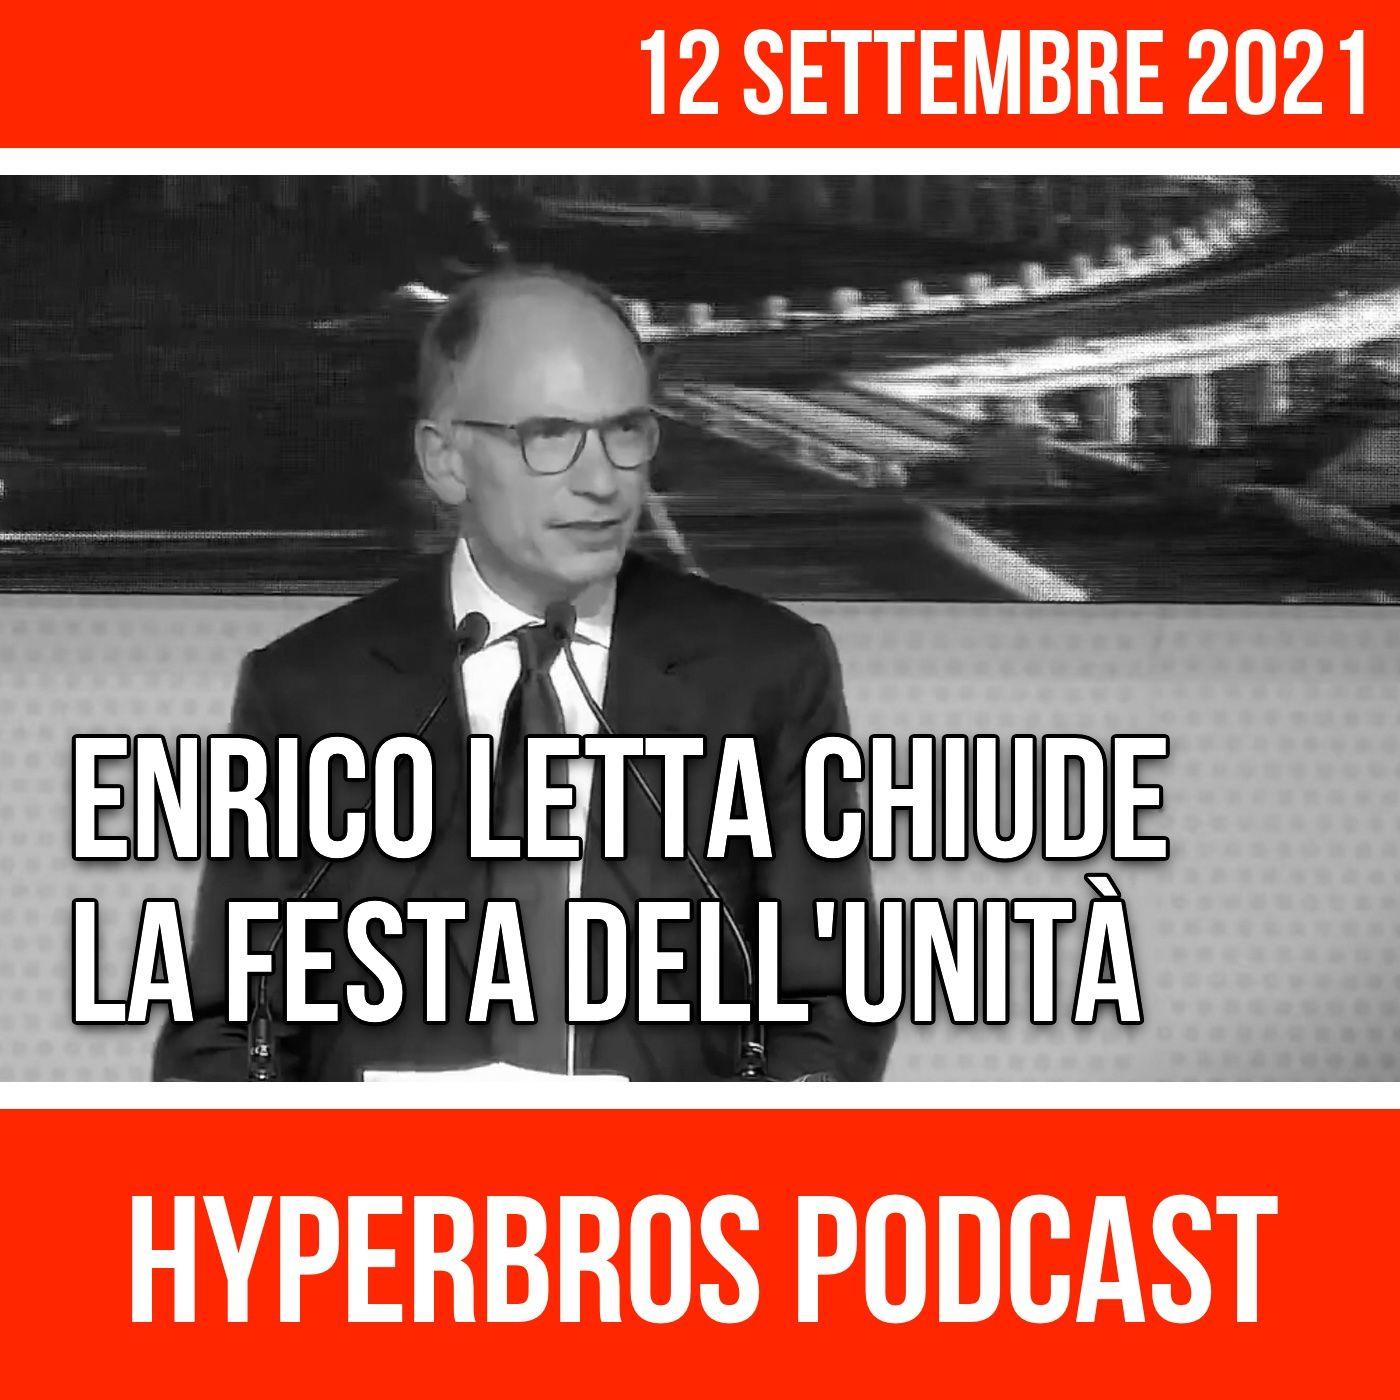 Festa dell'Unità, intervento di chiusura di Enrico Letta